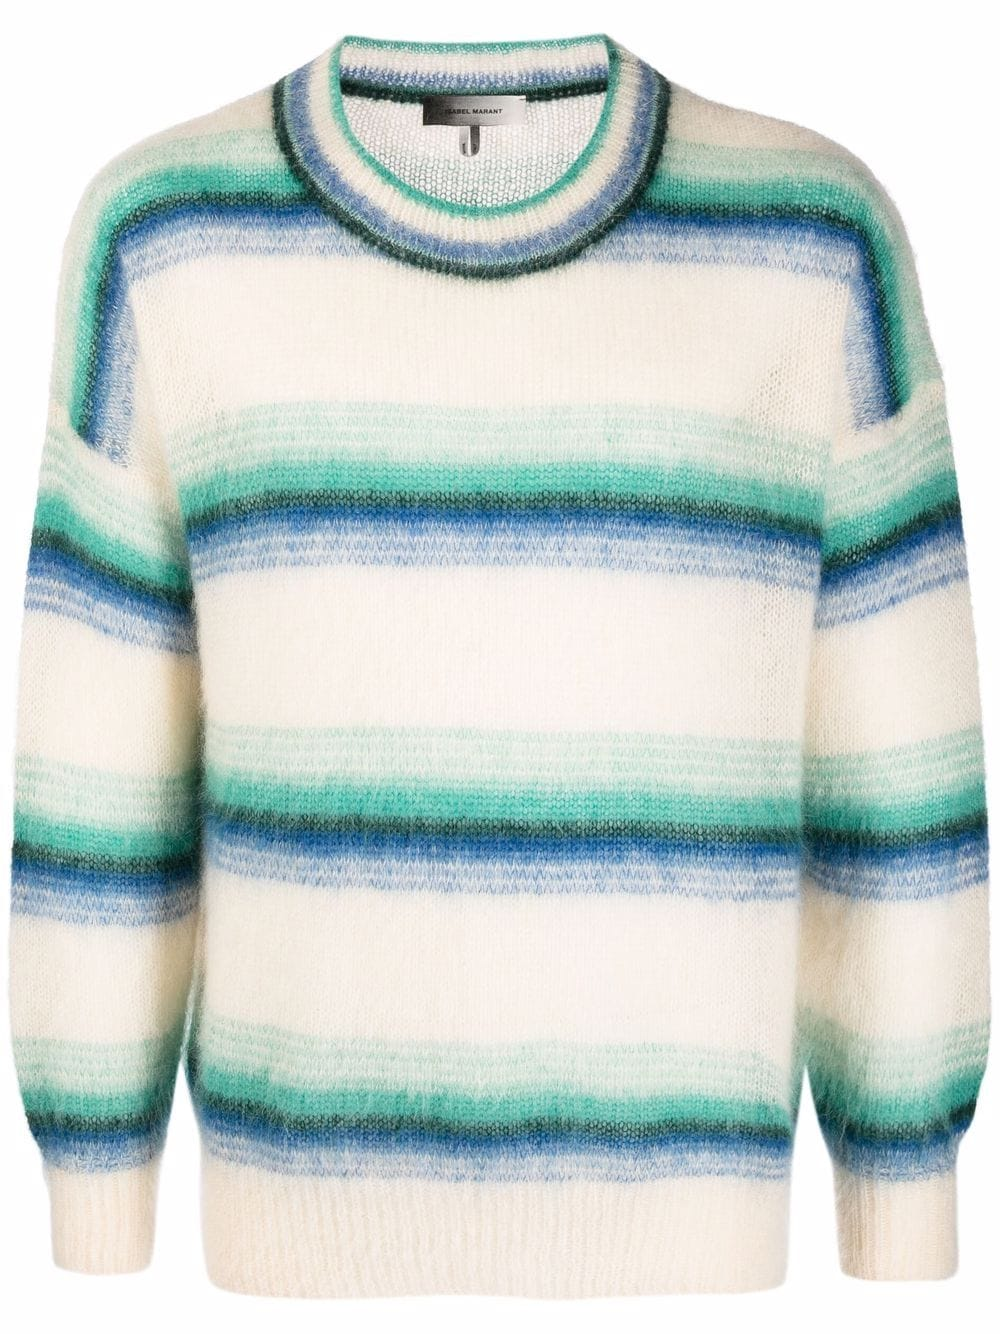 drussellh sweater man beige in wool ISABEL MARANT   Sweaters   21APU1275-21A055H60GR